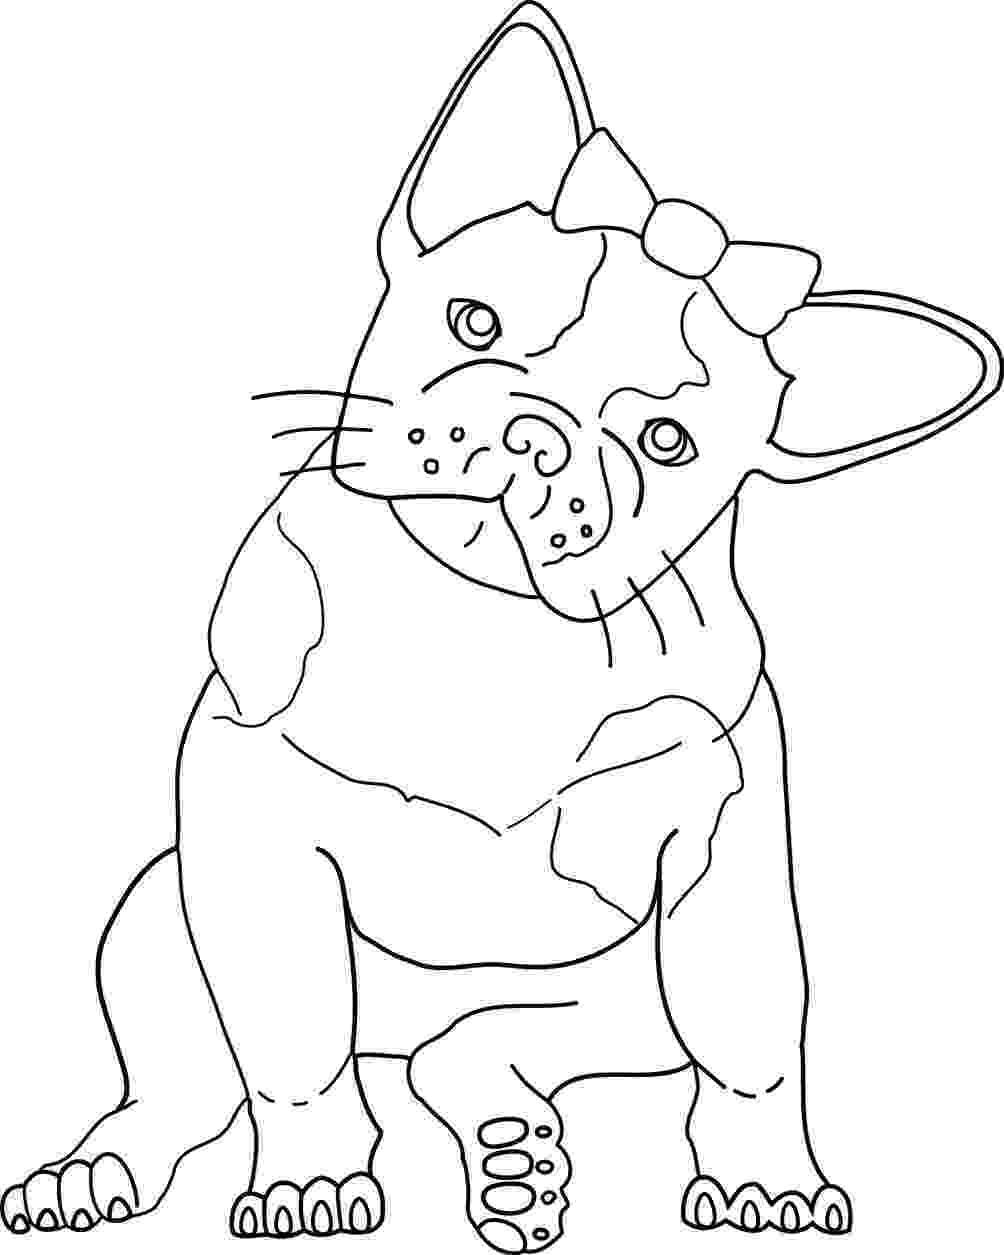 french bulldog coloring pages french bulldog coloring pages coloring home french pages coloring bulldog